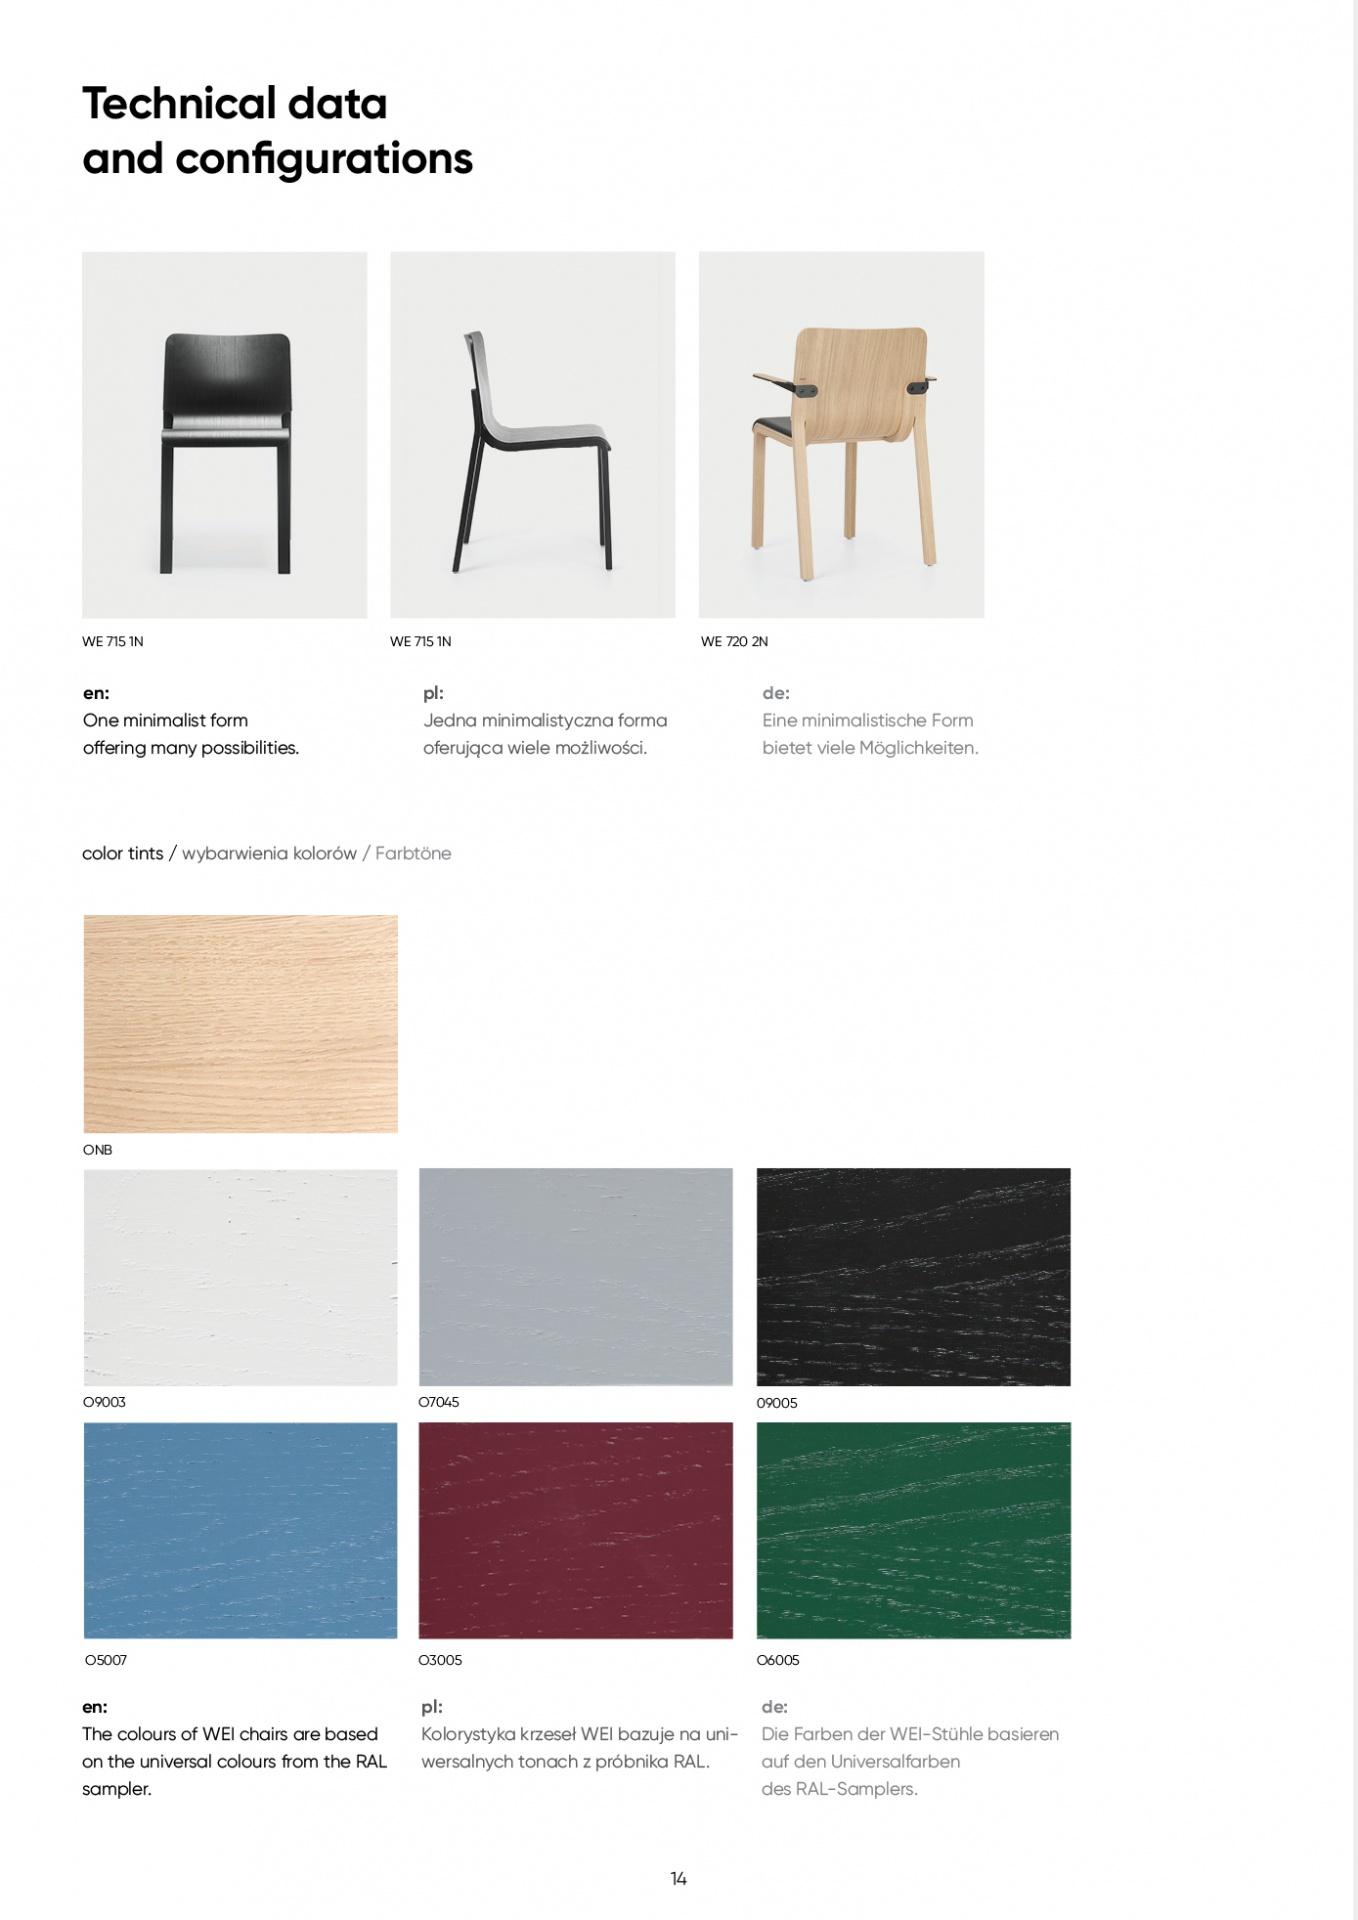 wei-catalogue-v2-14.jpg